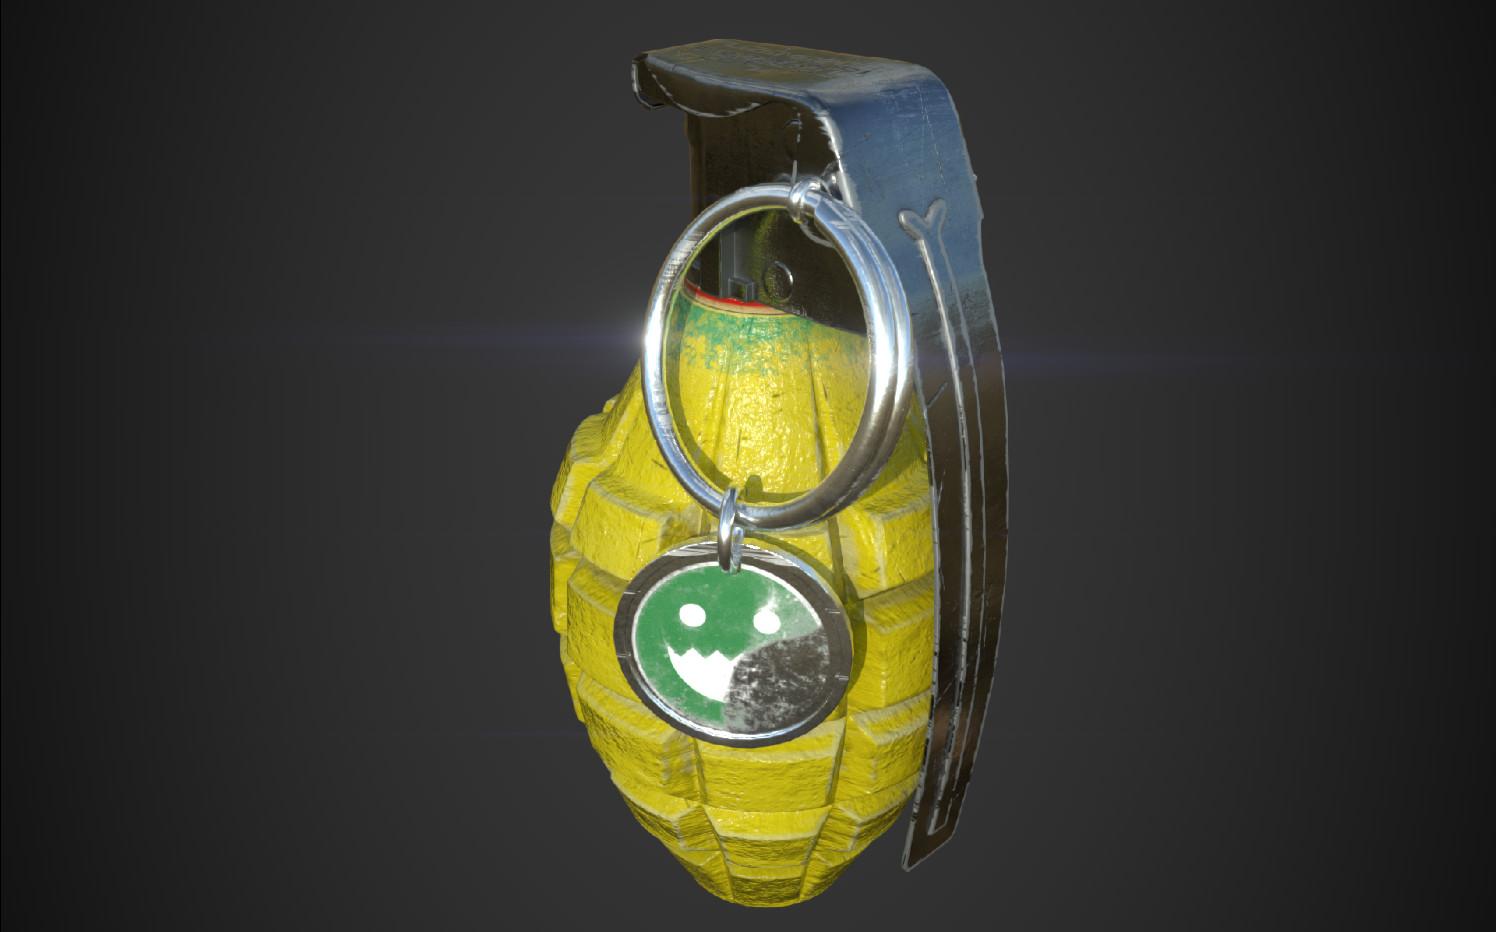 john-emerson-banana-1.jpg?1504995361